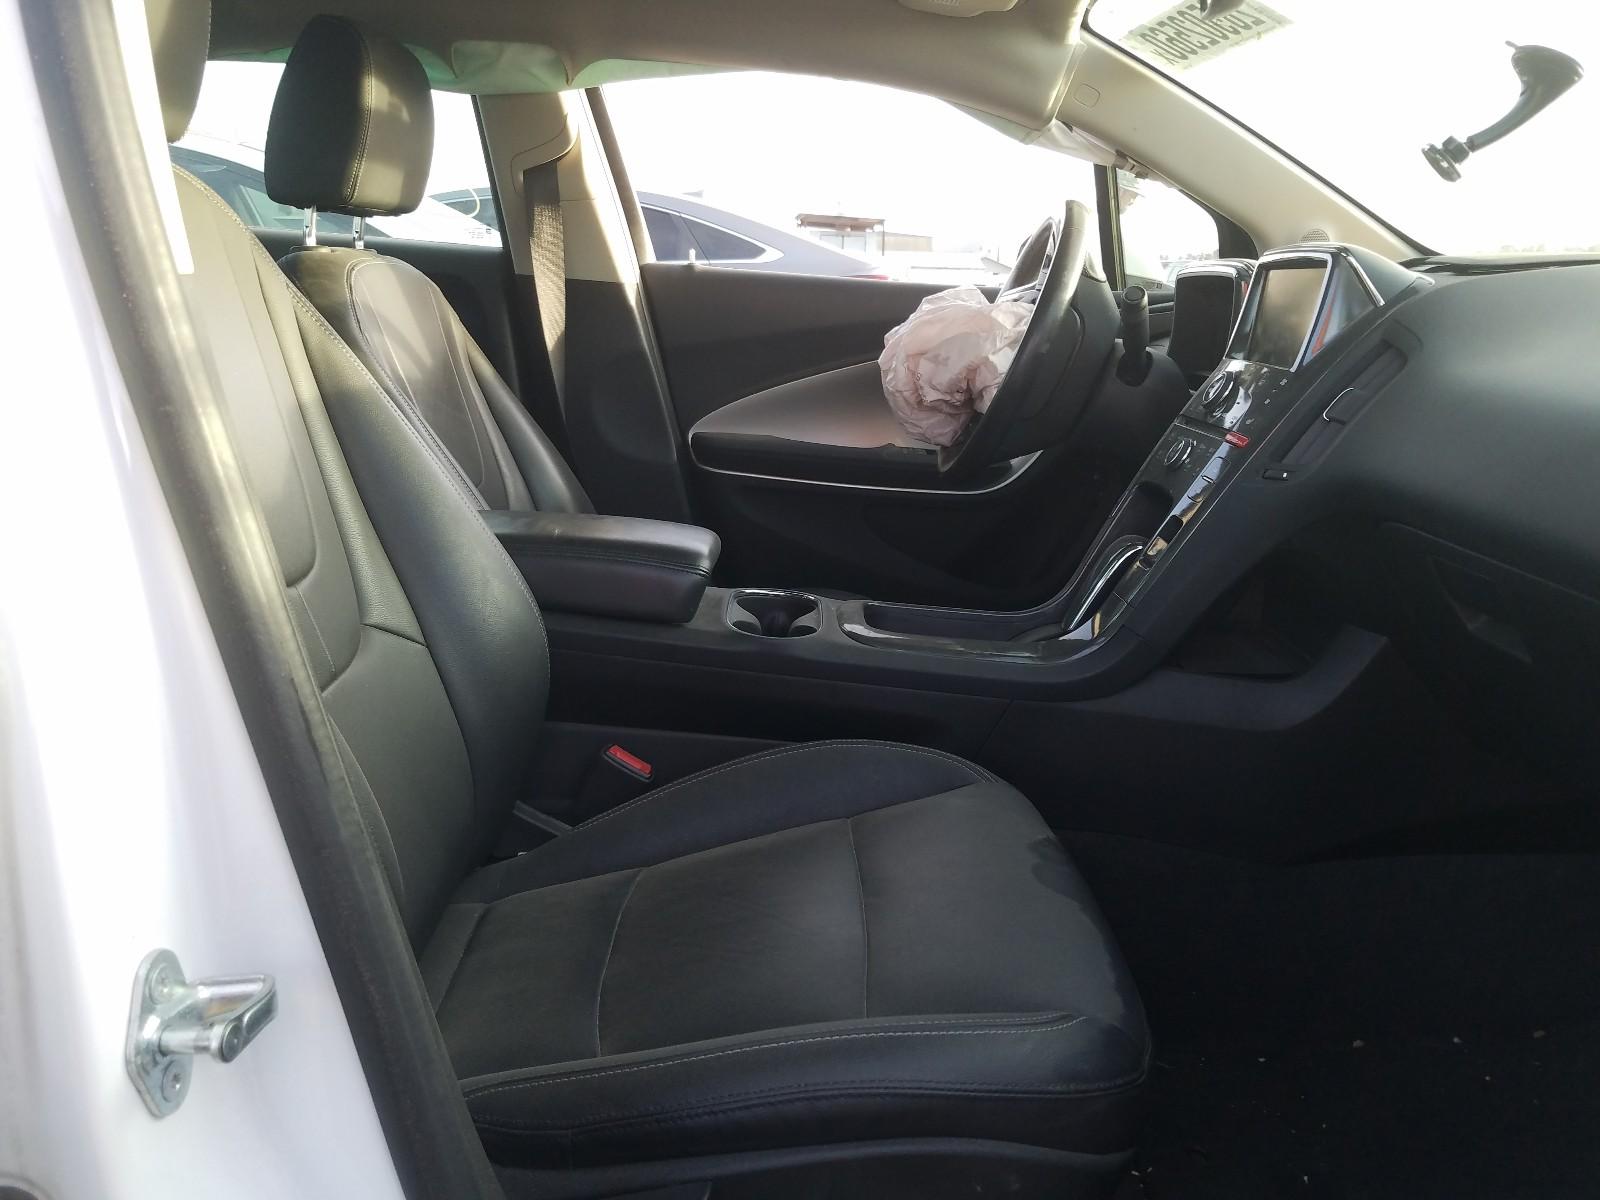 1G1RH6E47DU131223 - 2013 Chevrolet Volt 1.4L close up View